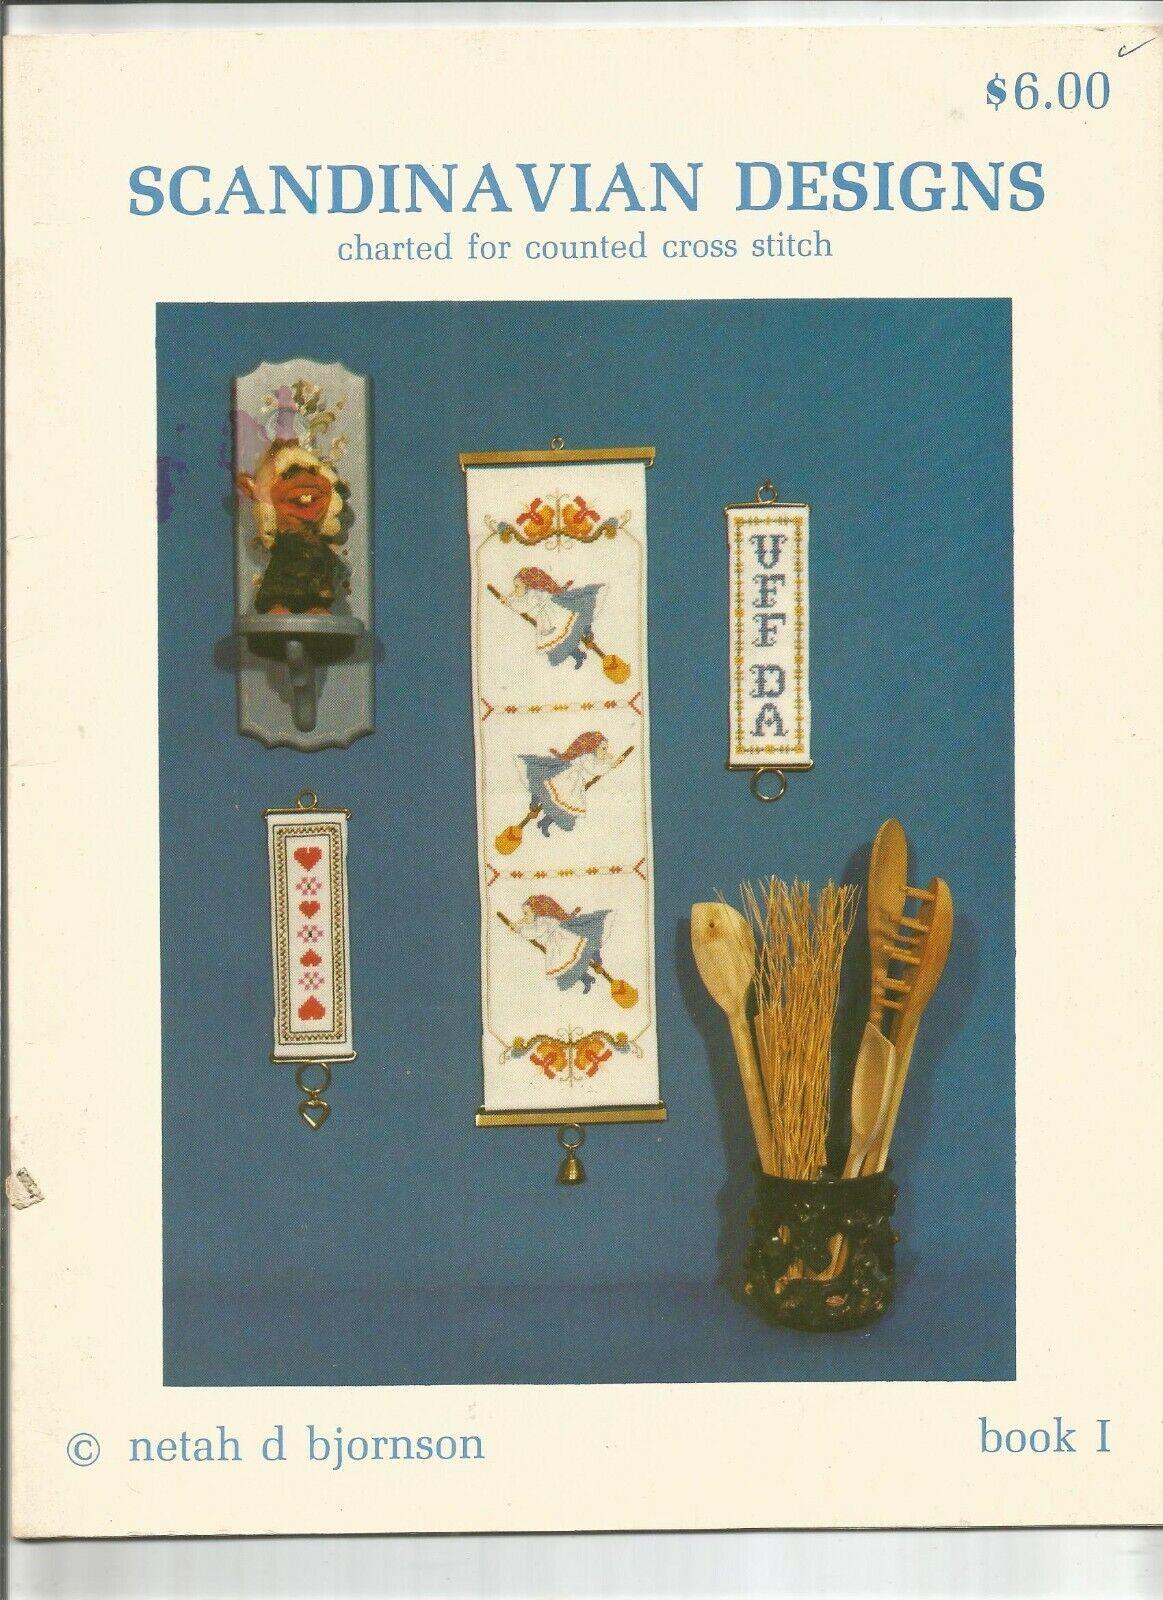 CROSS STITCH BOOK - SCANDINAVIAN DESIGNS